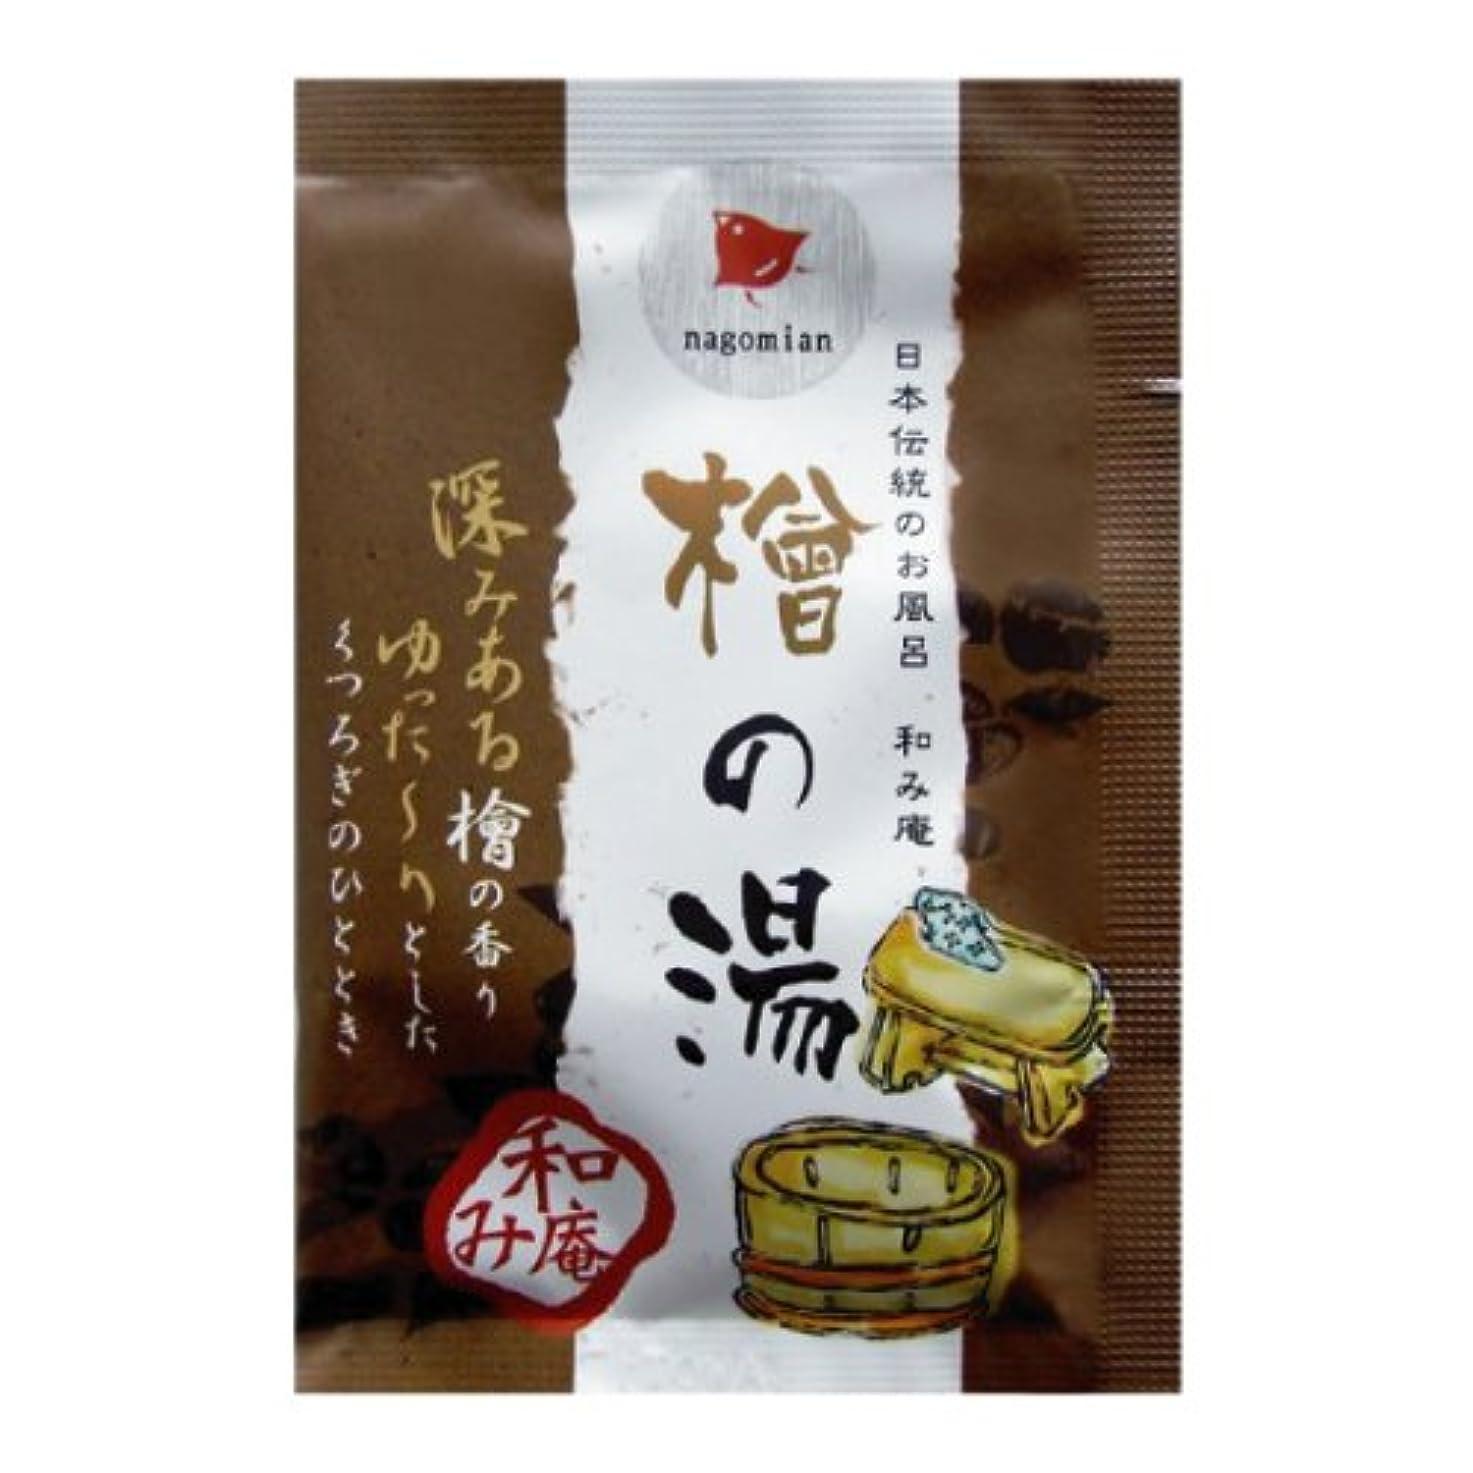 かごヒップとにかく日本伝統のお風呂 和み庵 檜の湯 200包